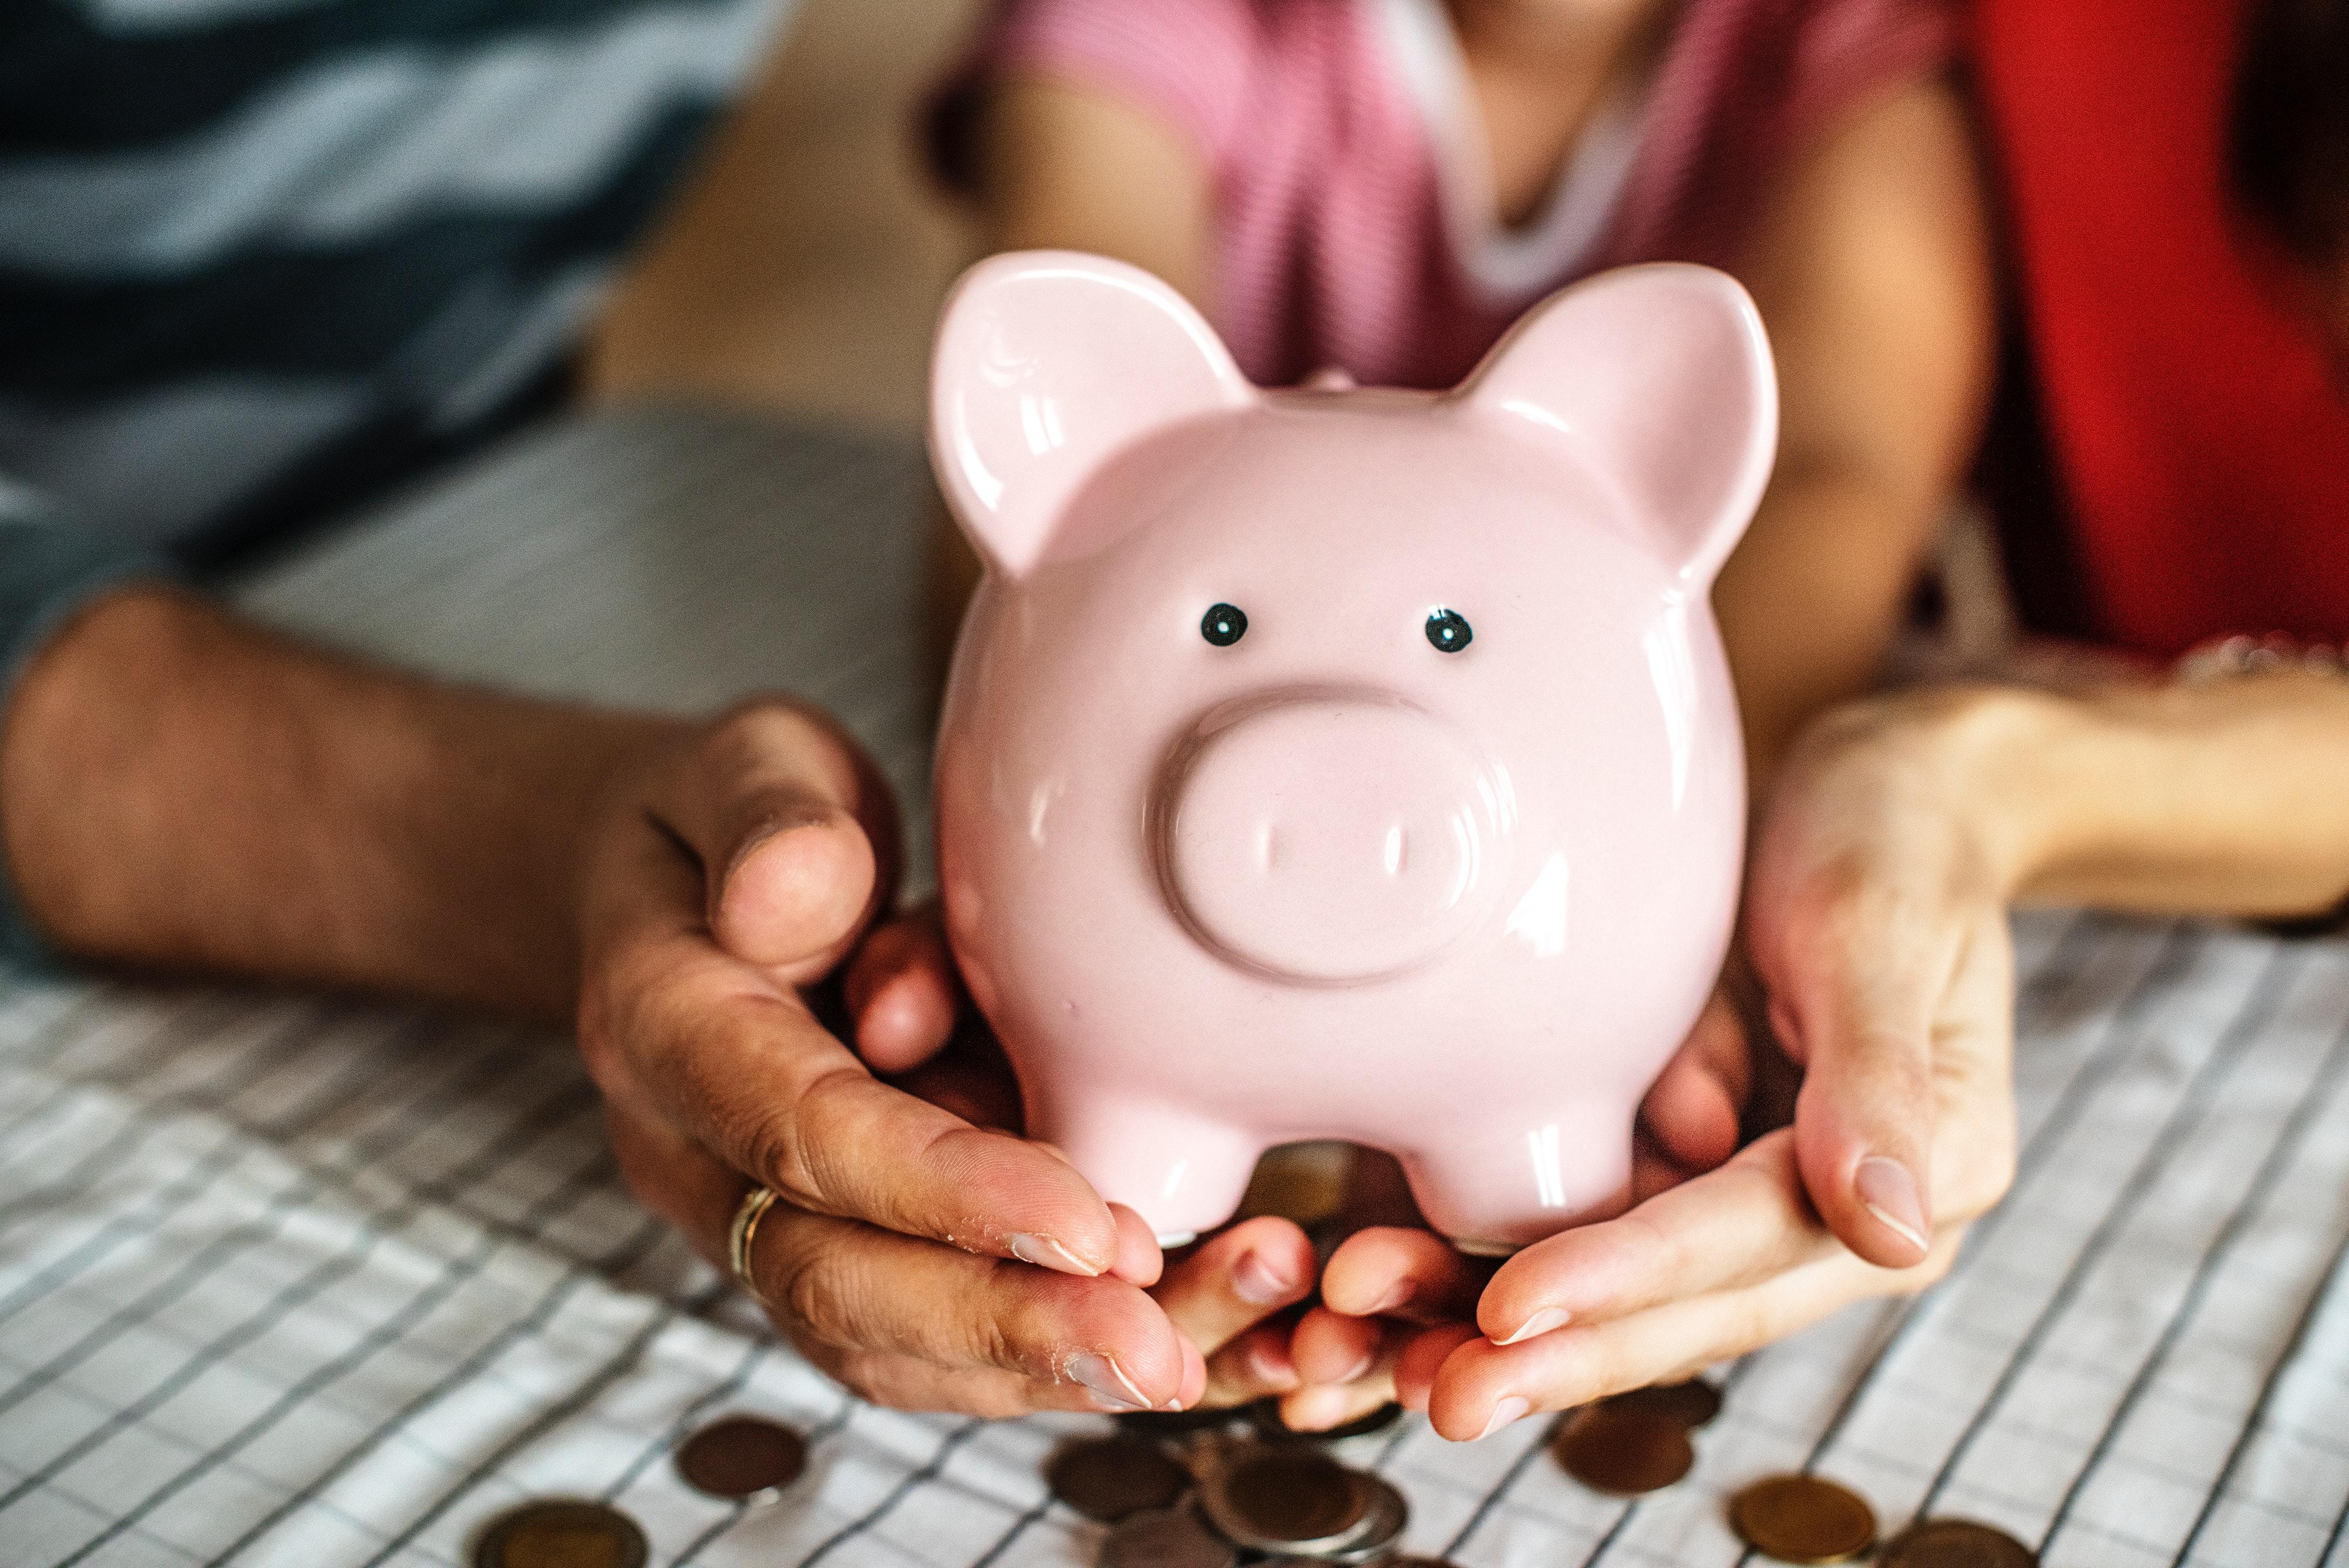 Piggu Bank royalty free image